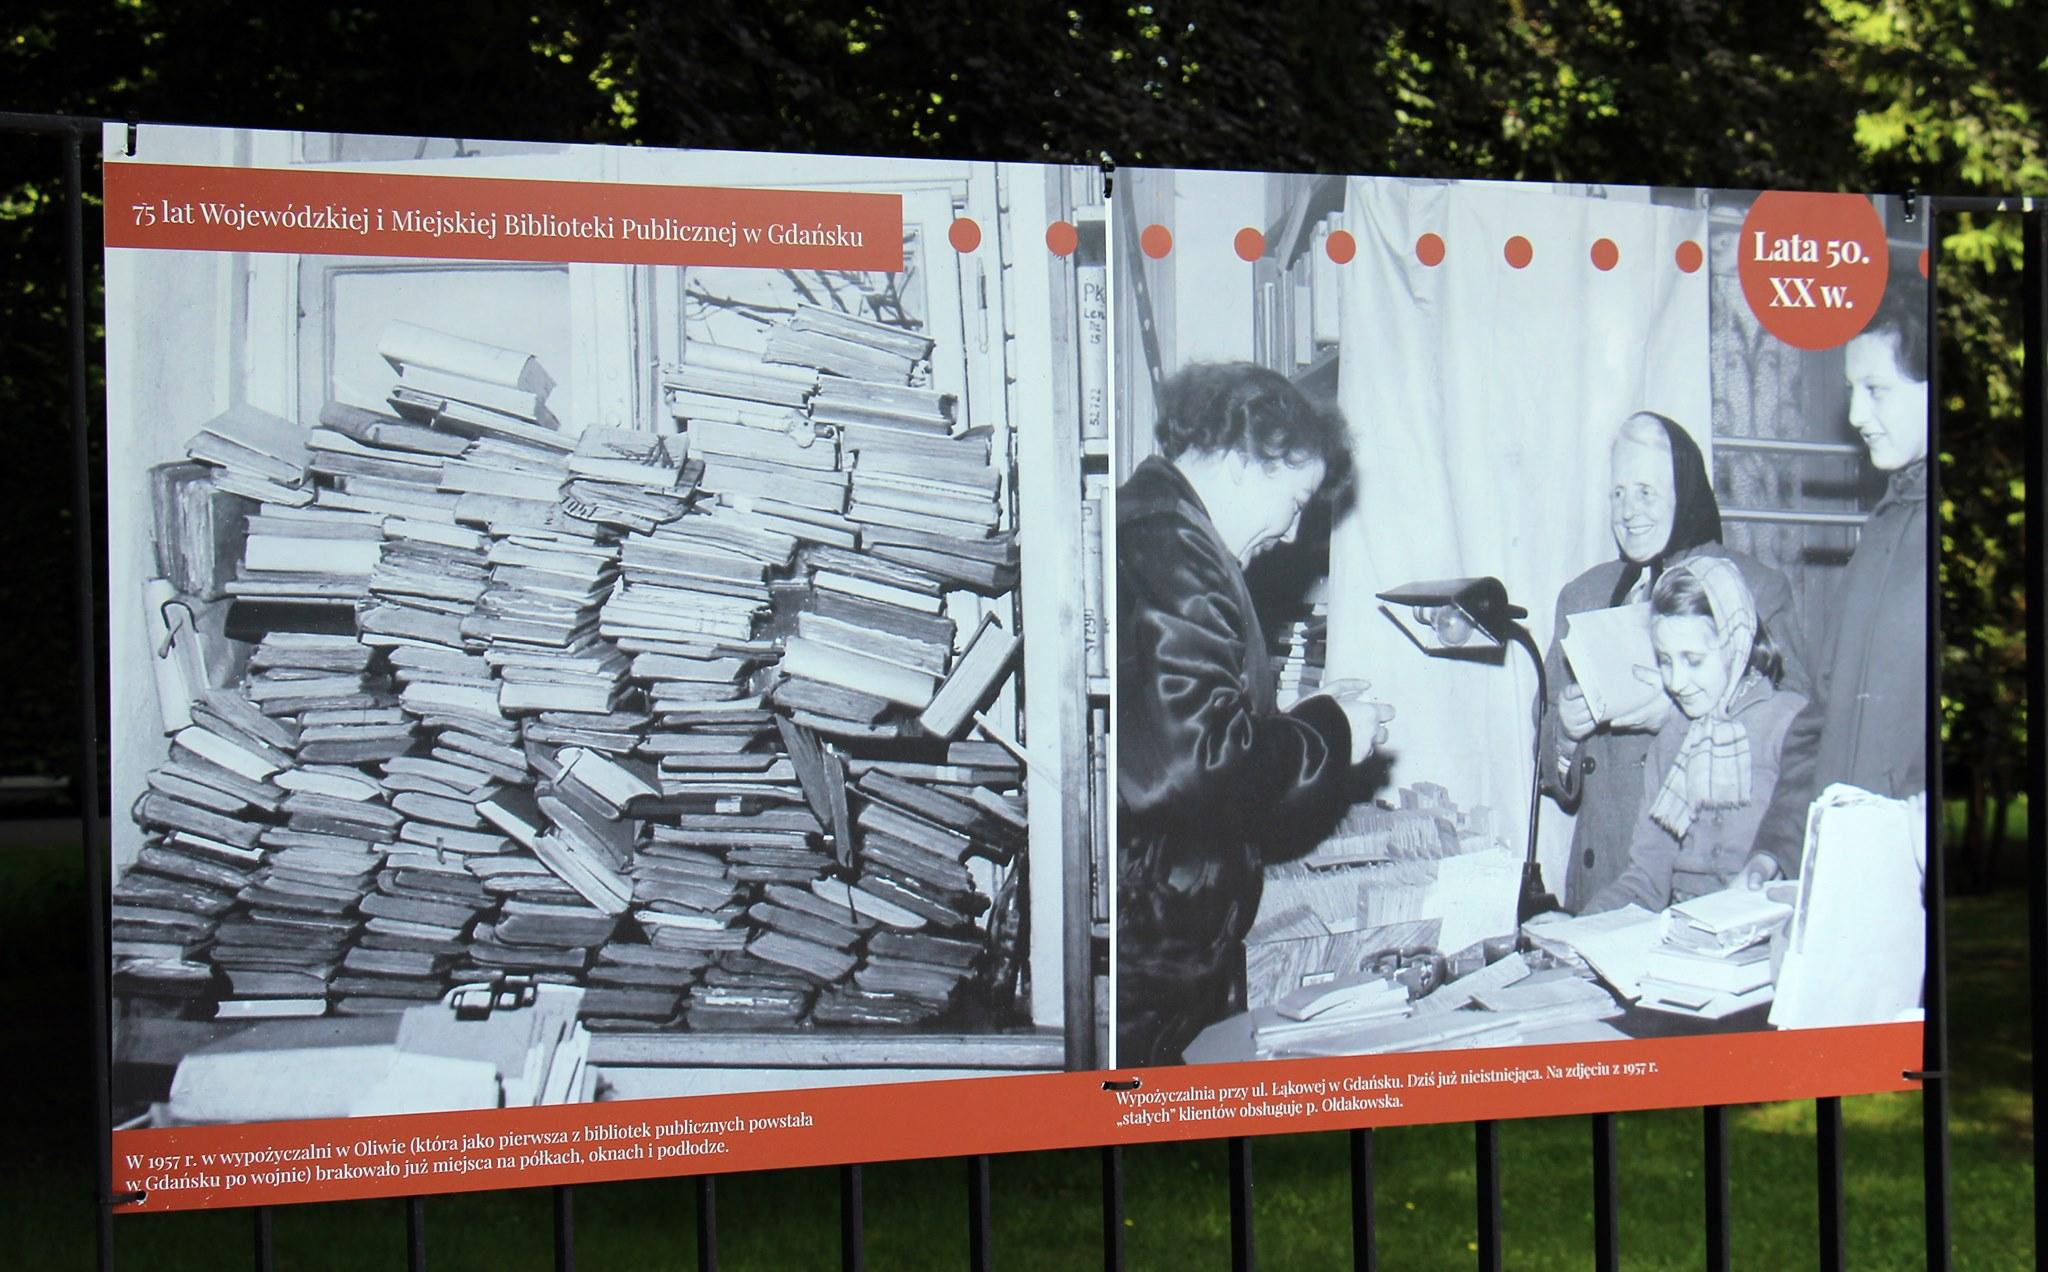 Konkurs plastyczny, gra miejska i wystawa fotograficzna. Gdańska biblioteka świętuje swoje 75. urodziny